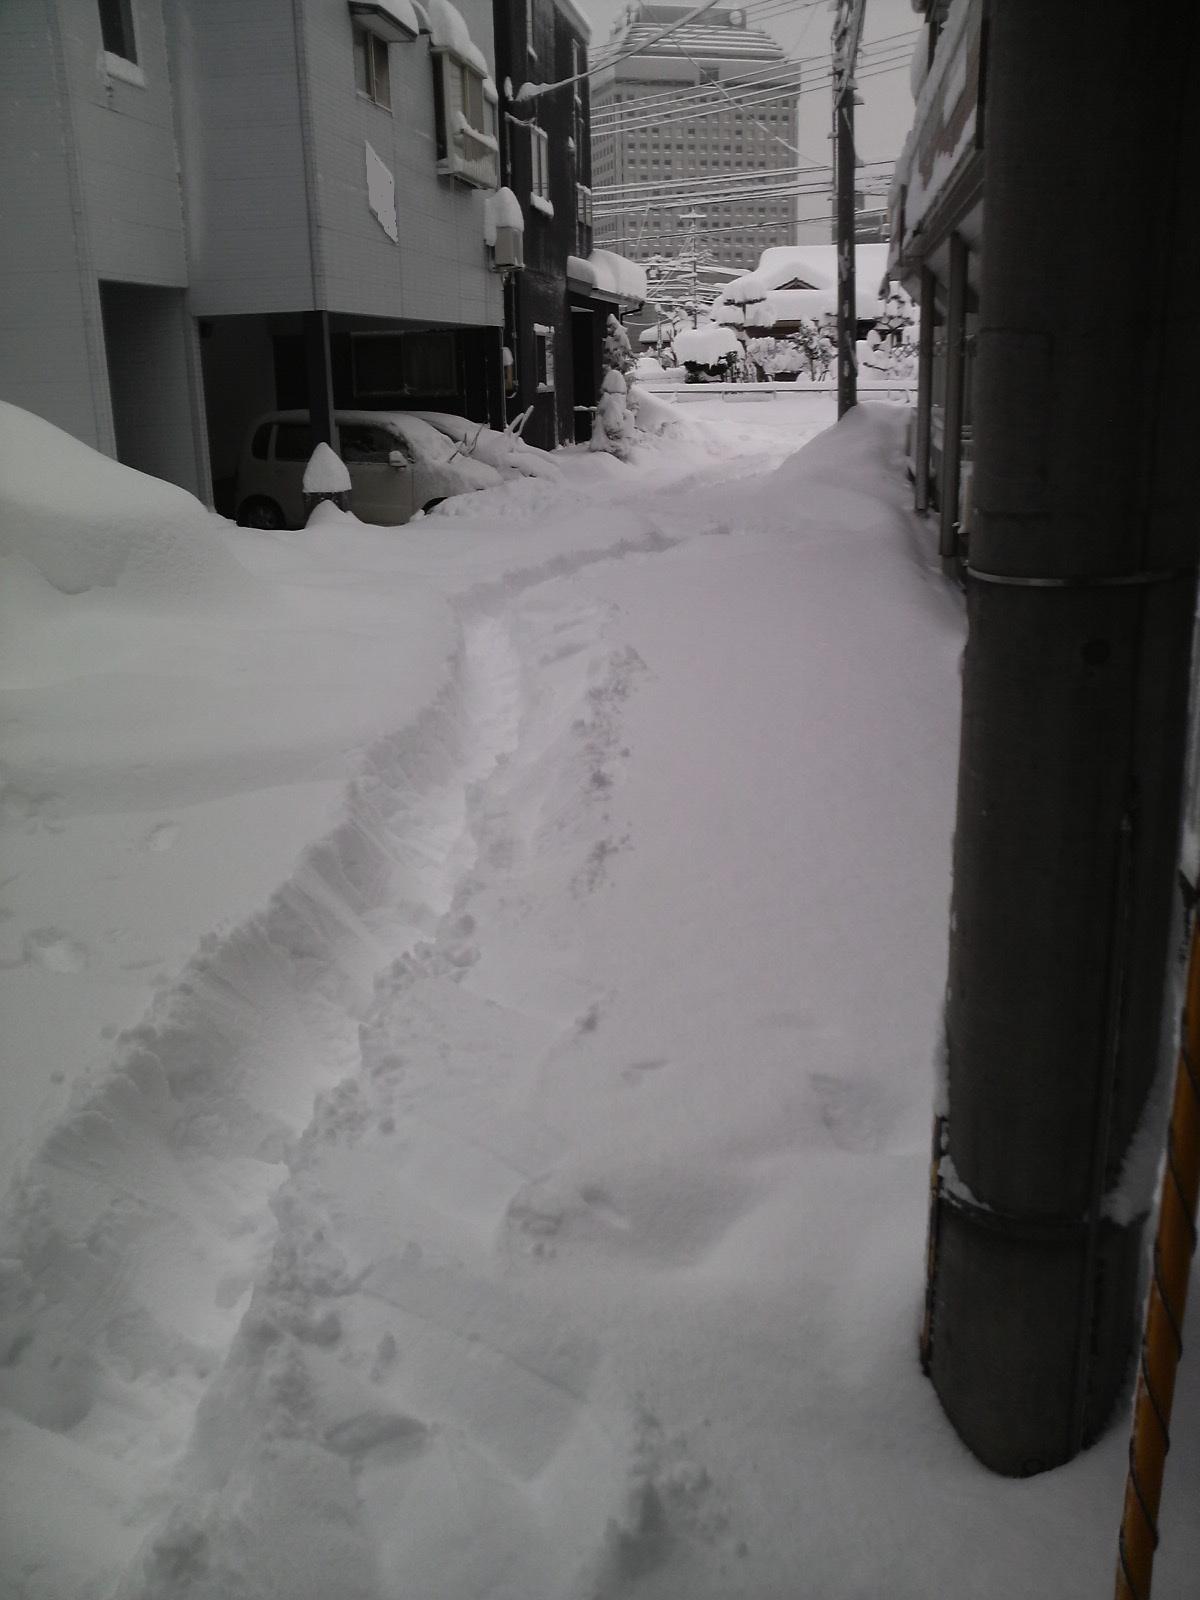 雪……スゴすぎです。